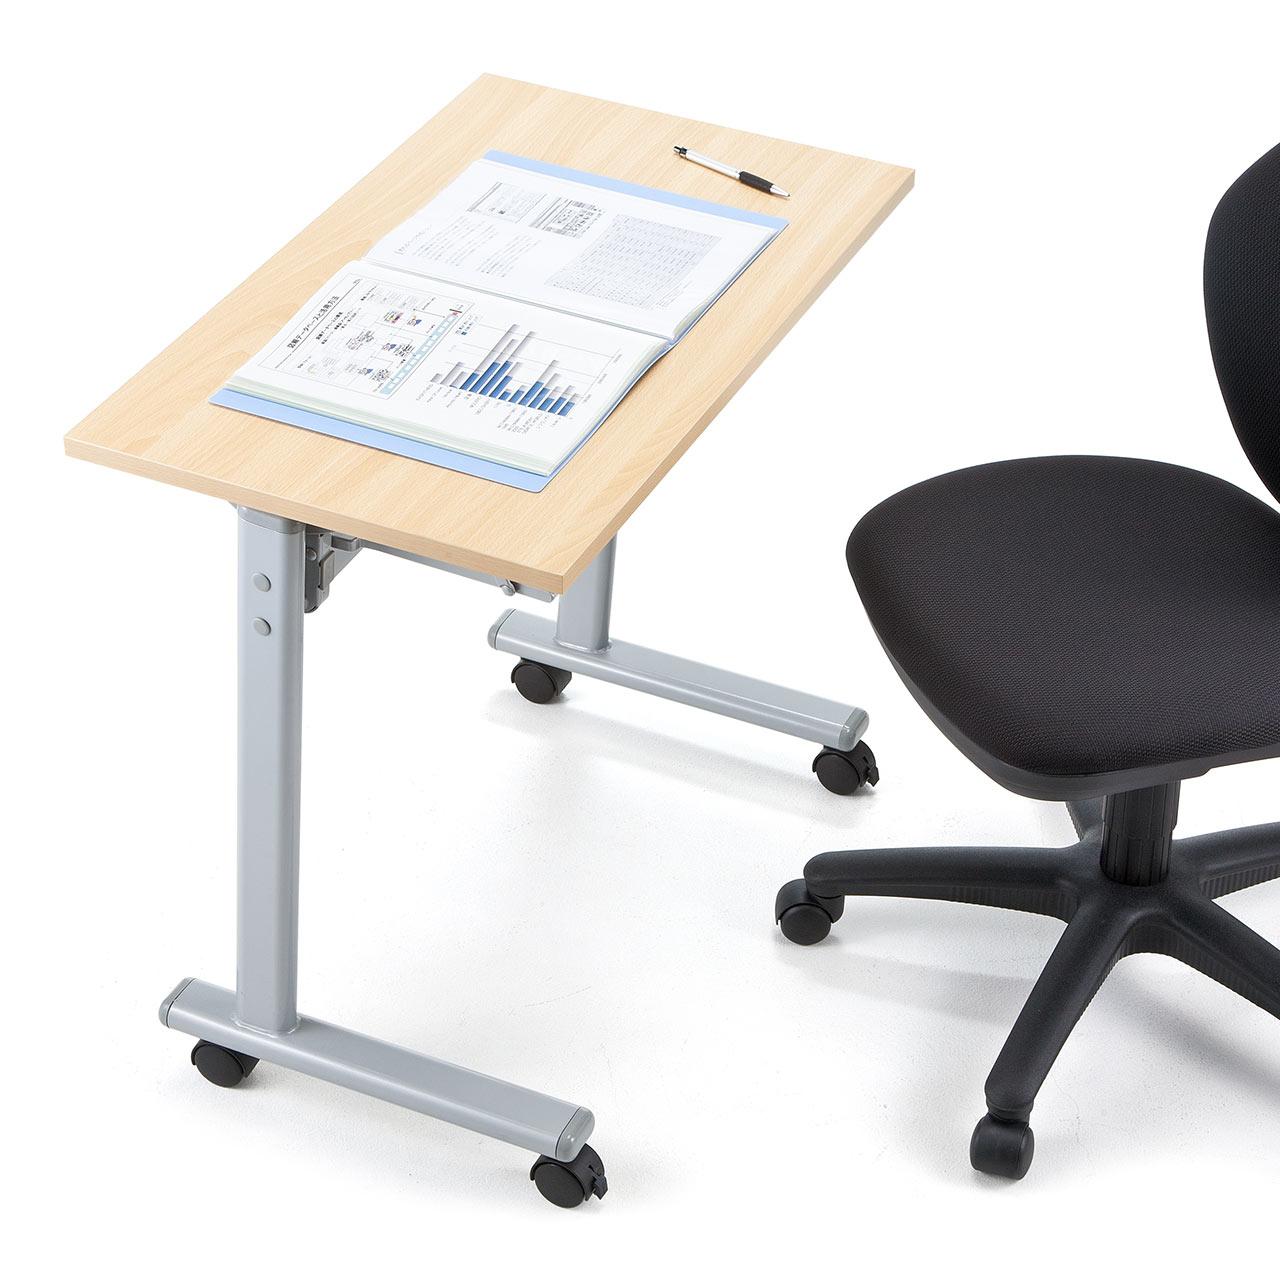 折りたたみ 会議テーブル 幅75cm 一人用 メープル木目・ホワイト セミナーデスク [100-FD012]